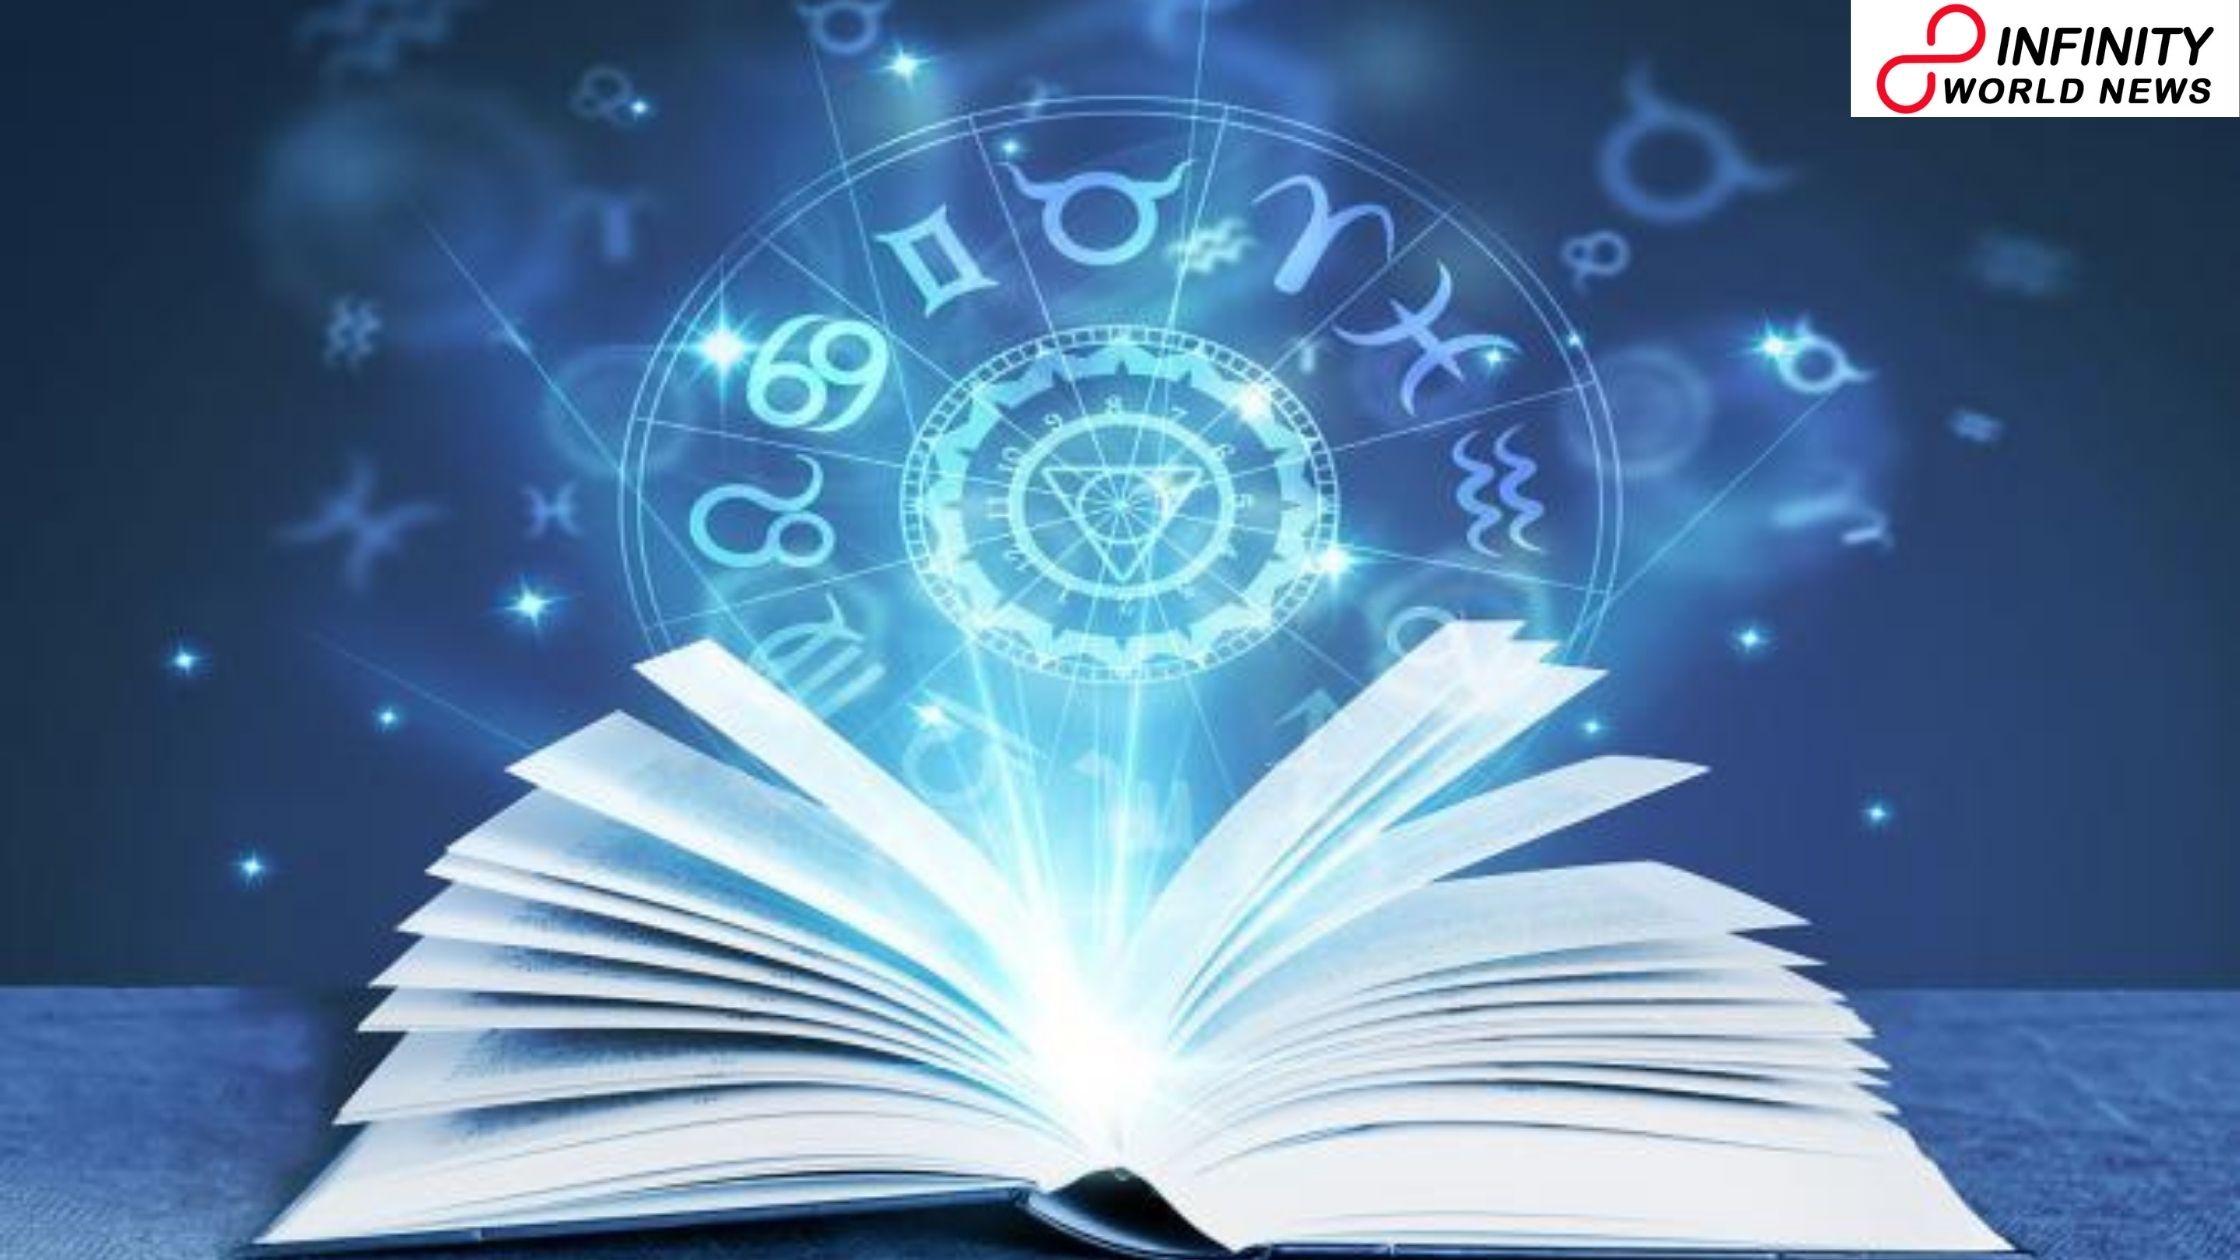 Today Horoscope 09-11-20 _ Daily Horoscope